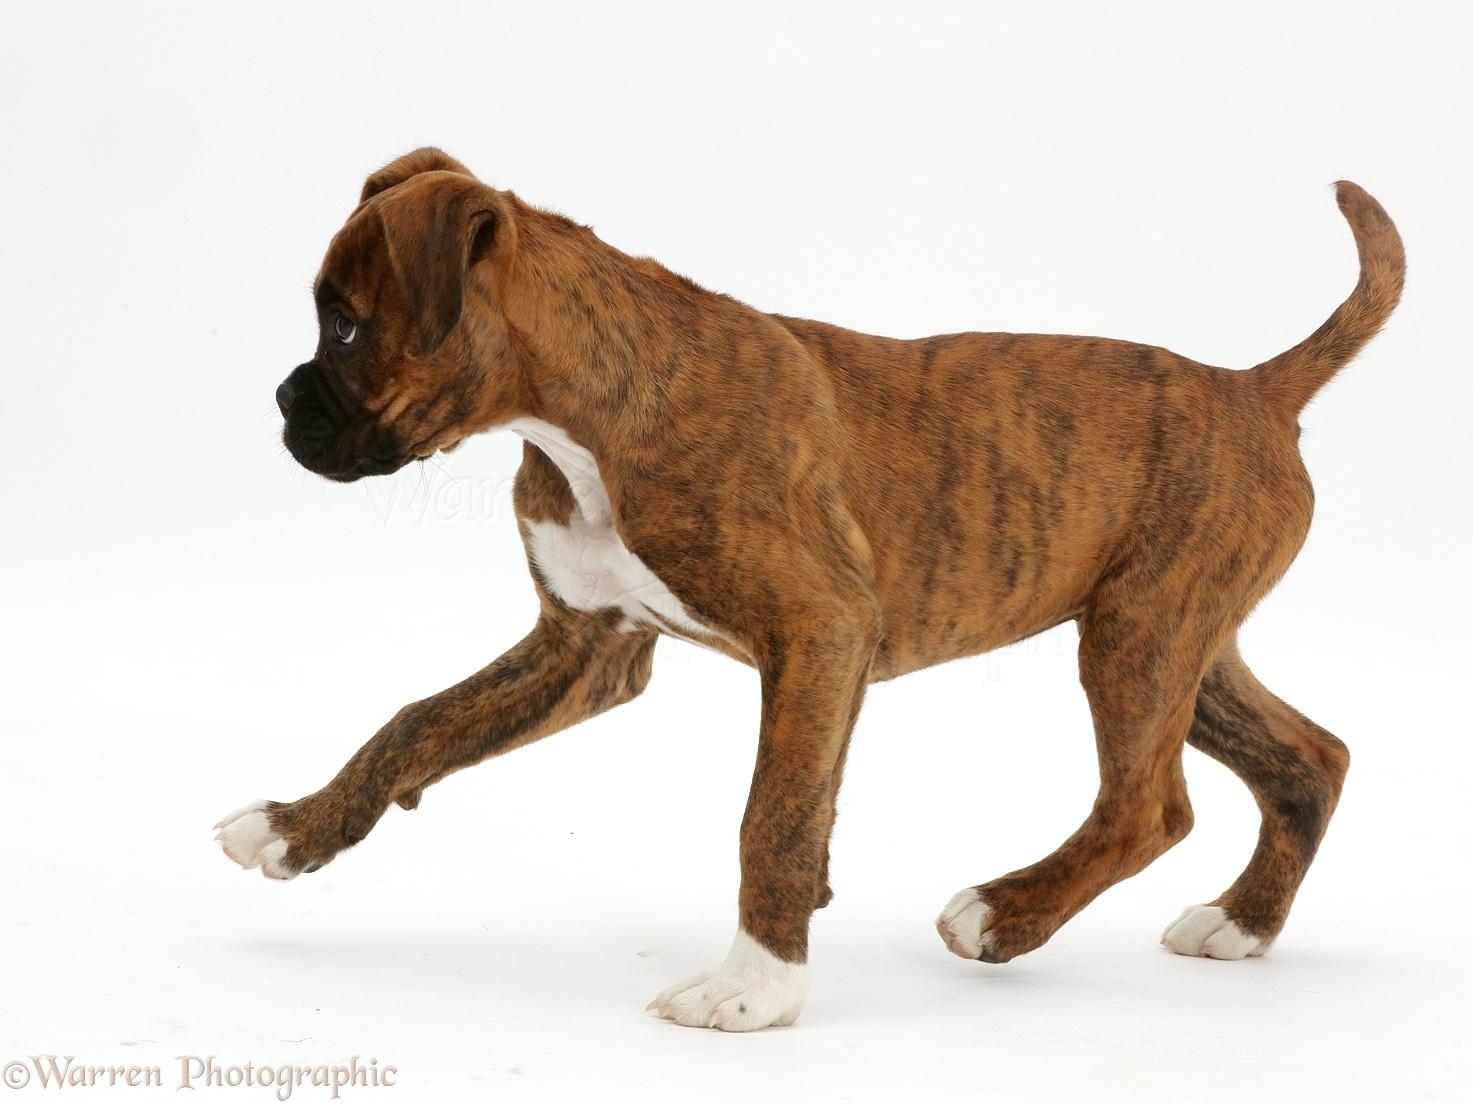 Dog Brindle Boxer Puppy Walking Across Photo Wp42887